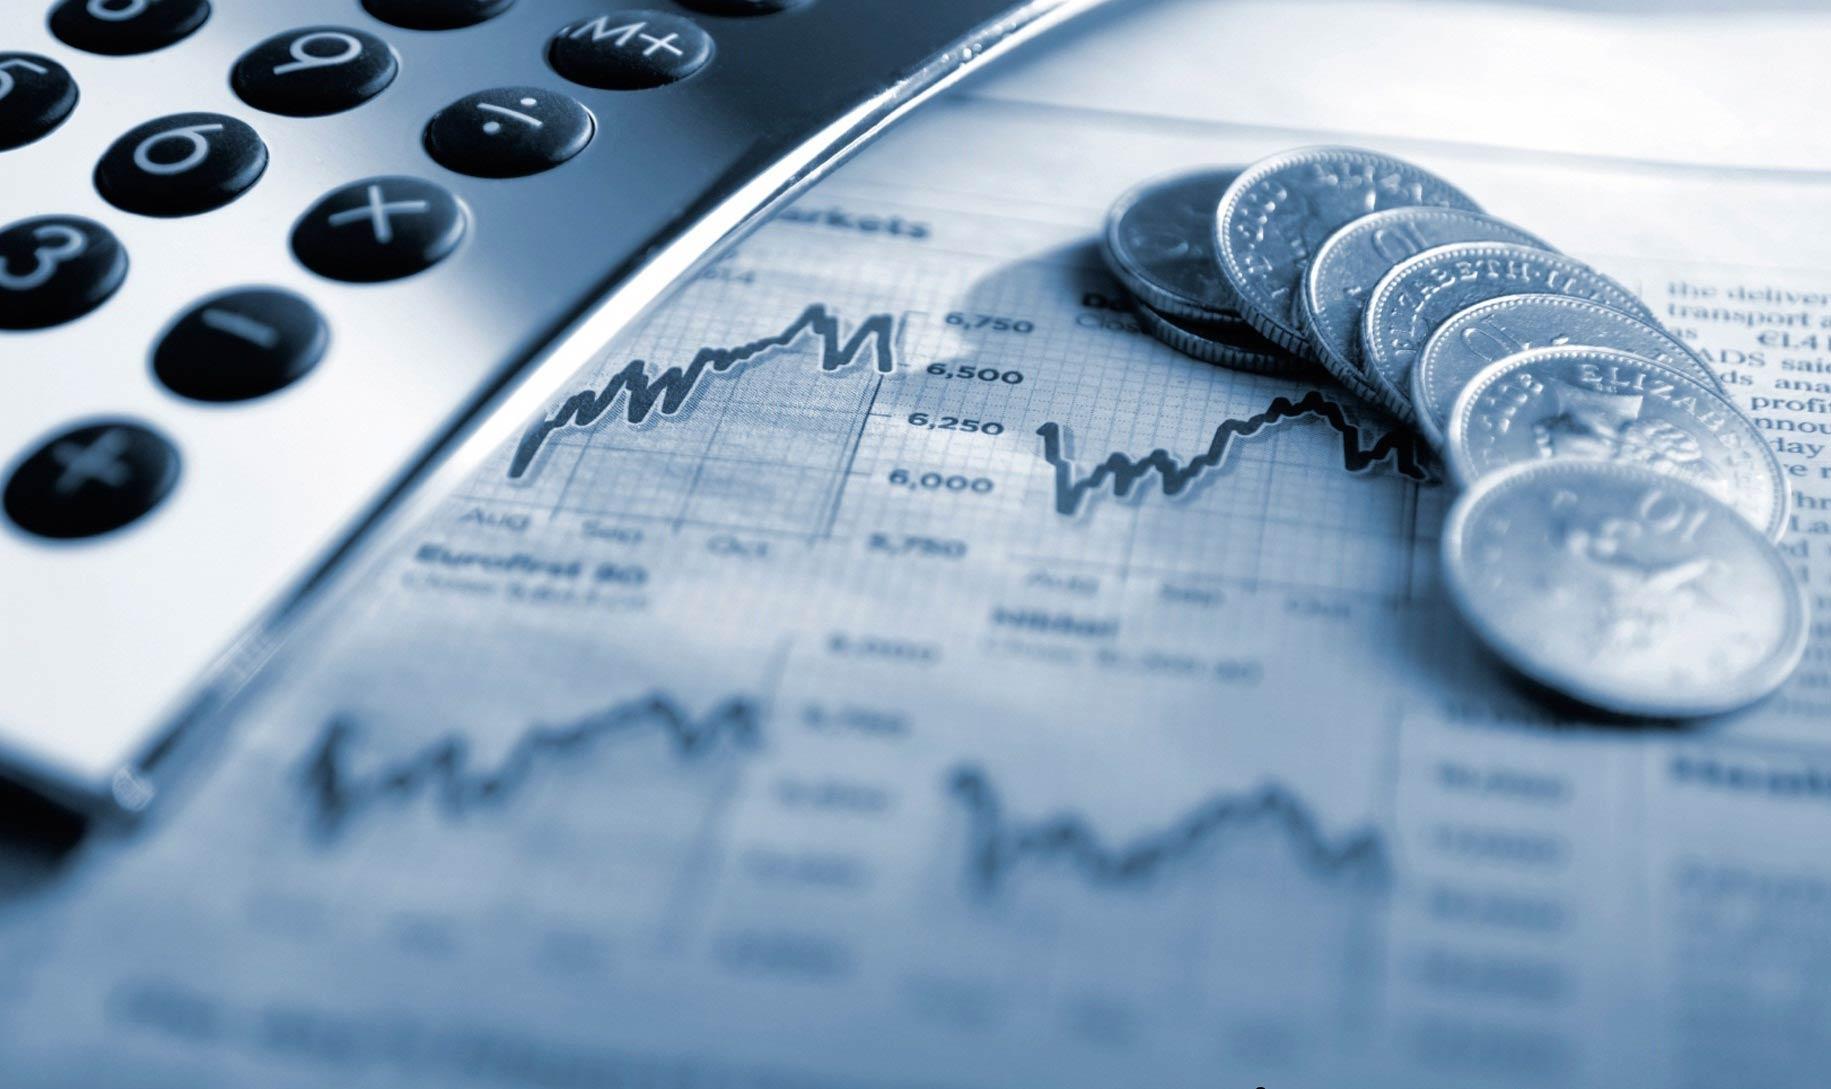 О бизнес-прогнозировании